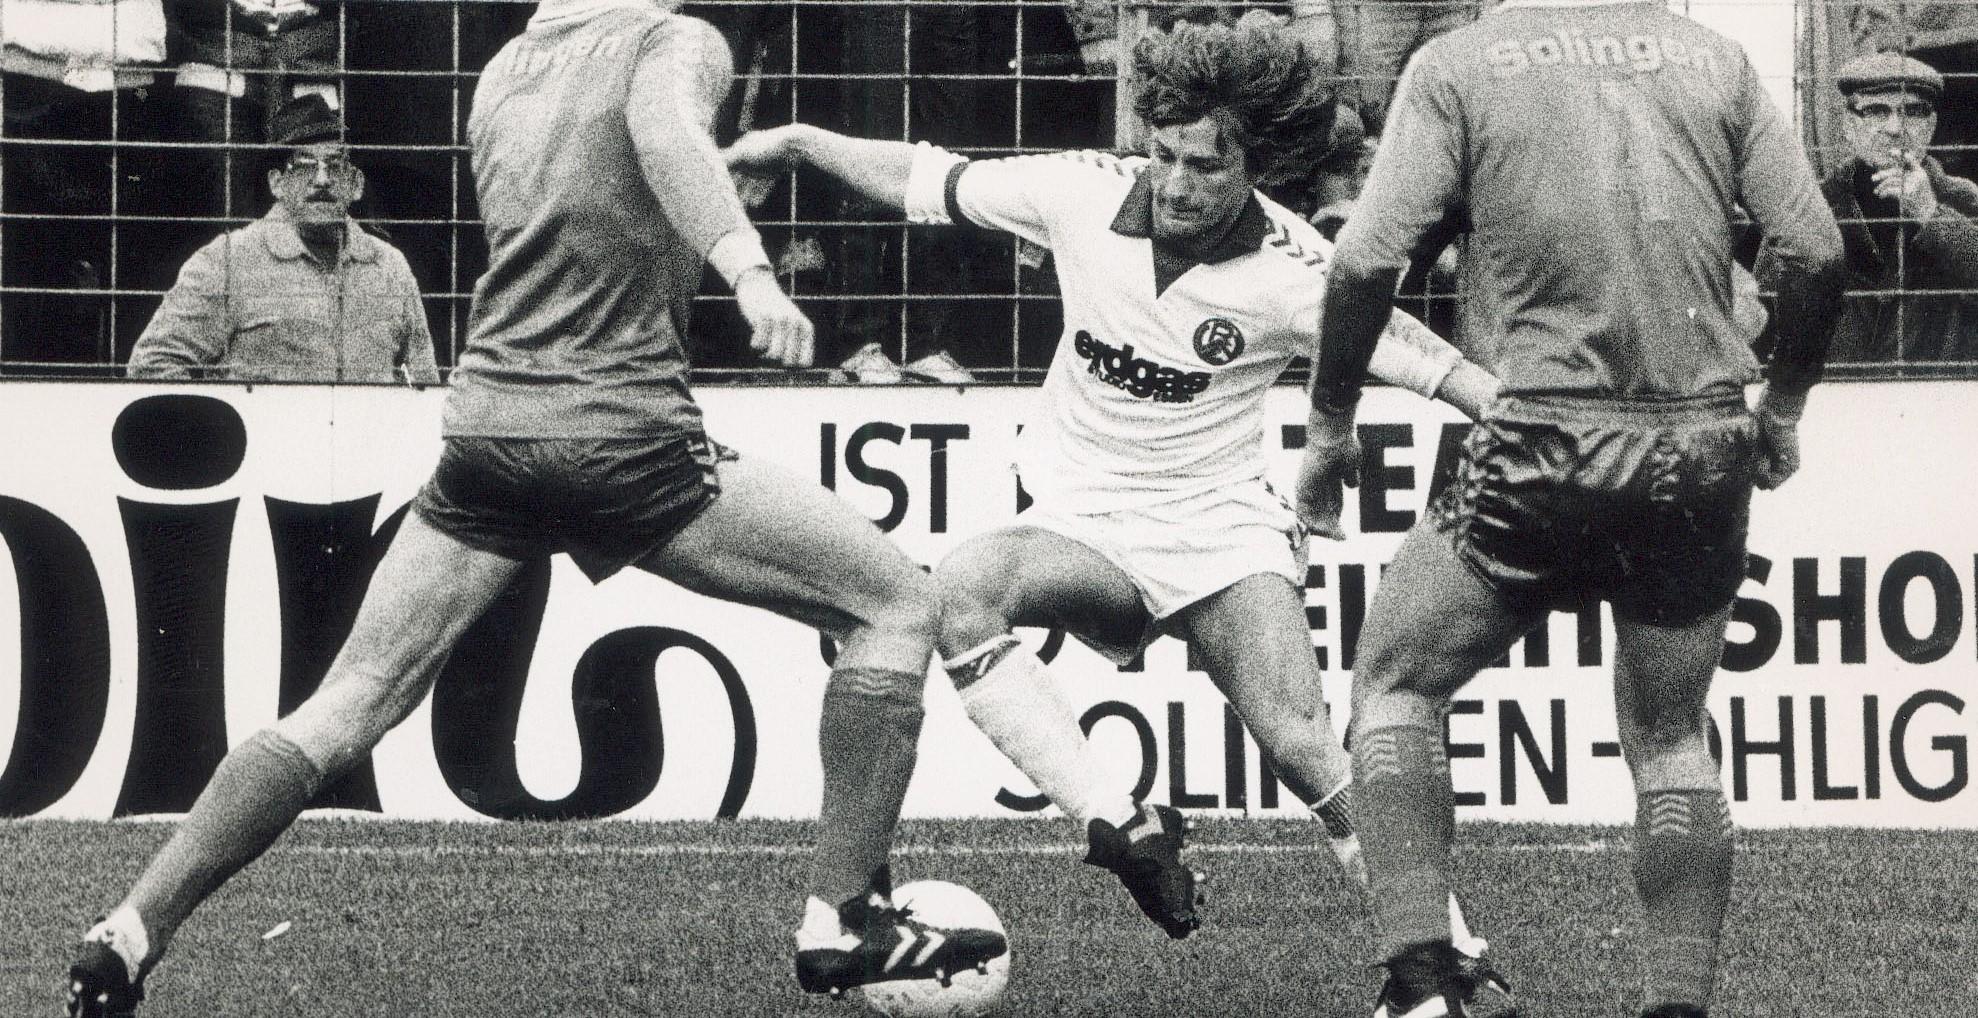 Von 1976 bis 1981 ging RWE-Nachwuchstalent Frank Mill für die Lizenzmannschaft auf Torjagd.